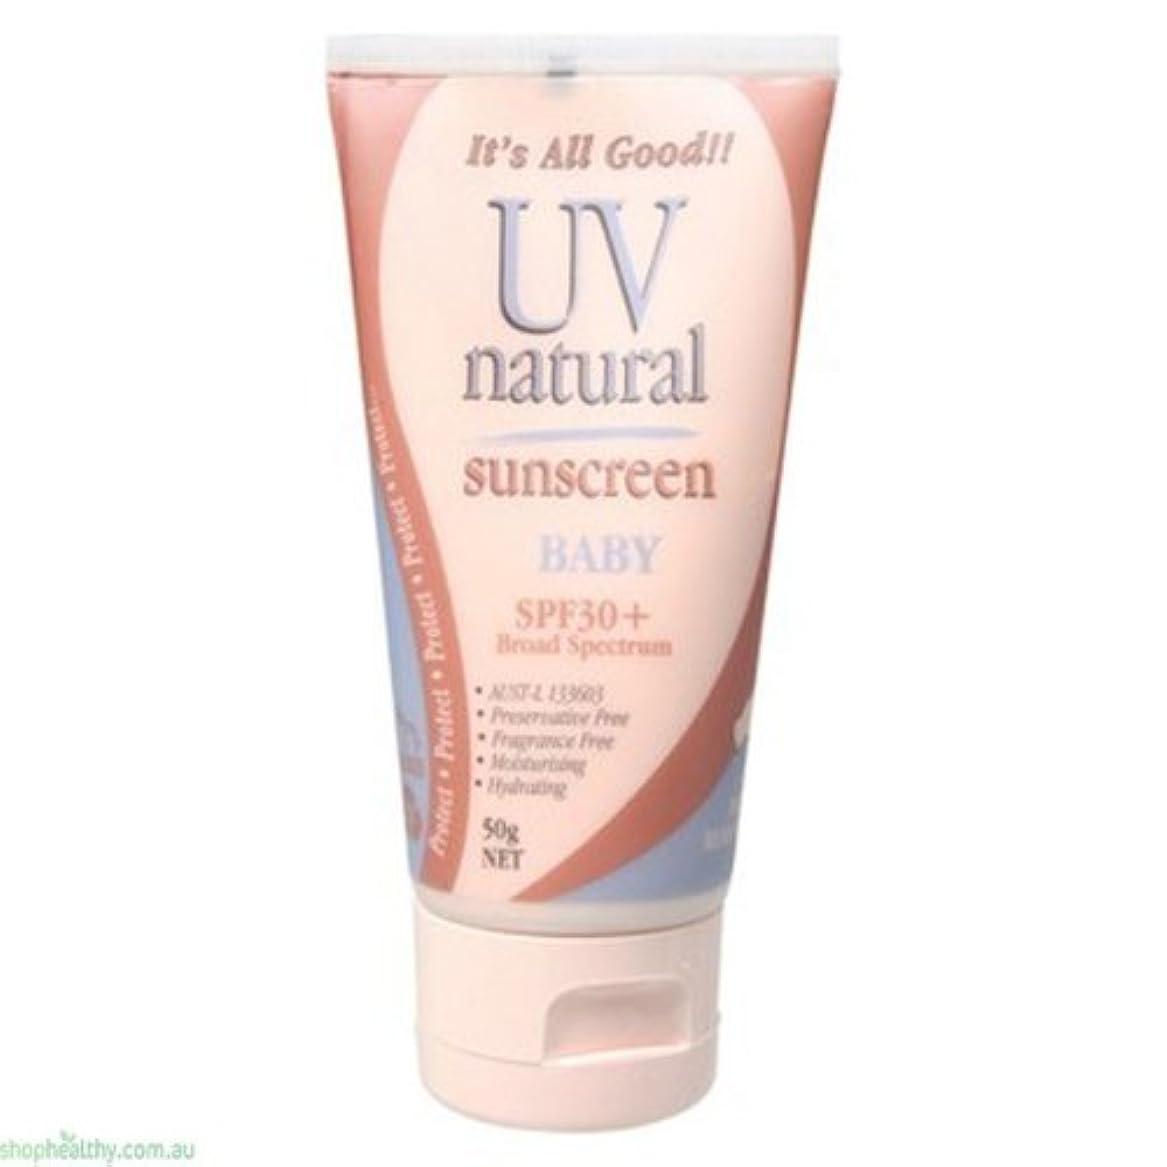 逆に忌まわしい確率【UV NATURAL】Baby 日焼け止め Natural SPF30+ 50g 3本セット